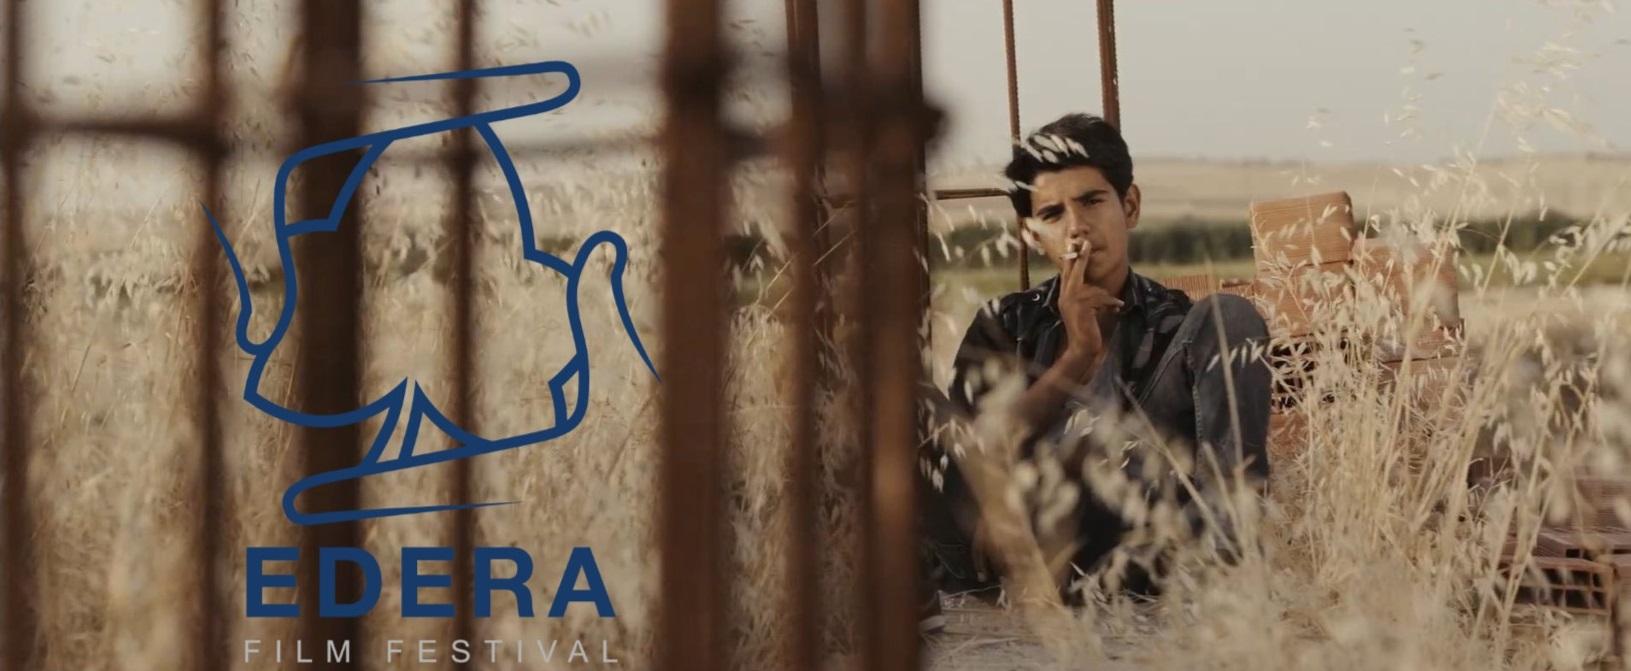 Edera Film Festival 2019: a Treviso tornano sul grande schermo decine di giovani promesse